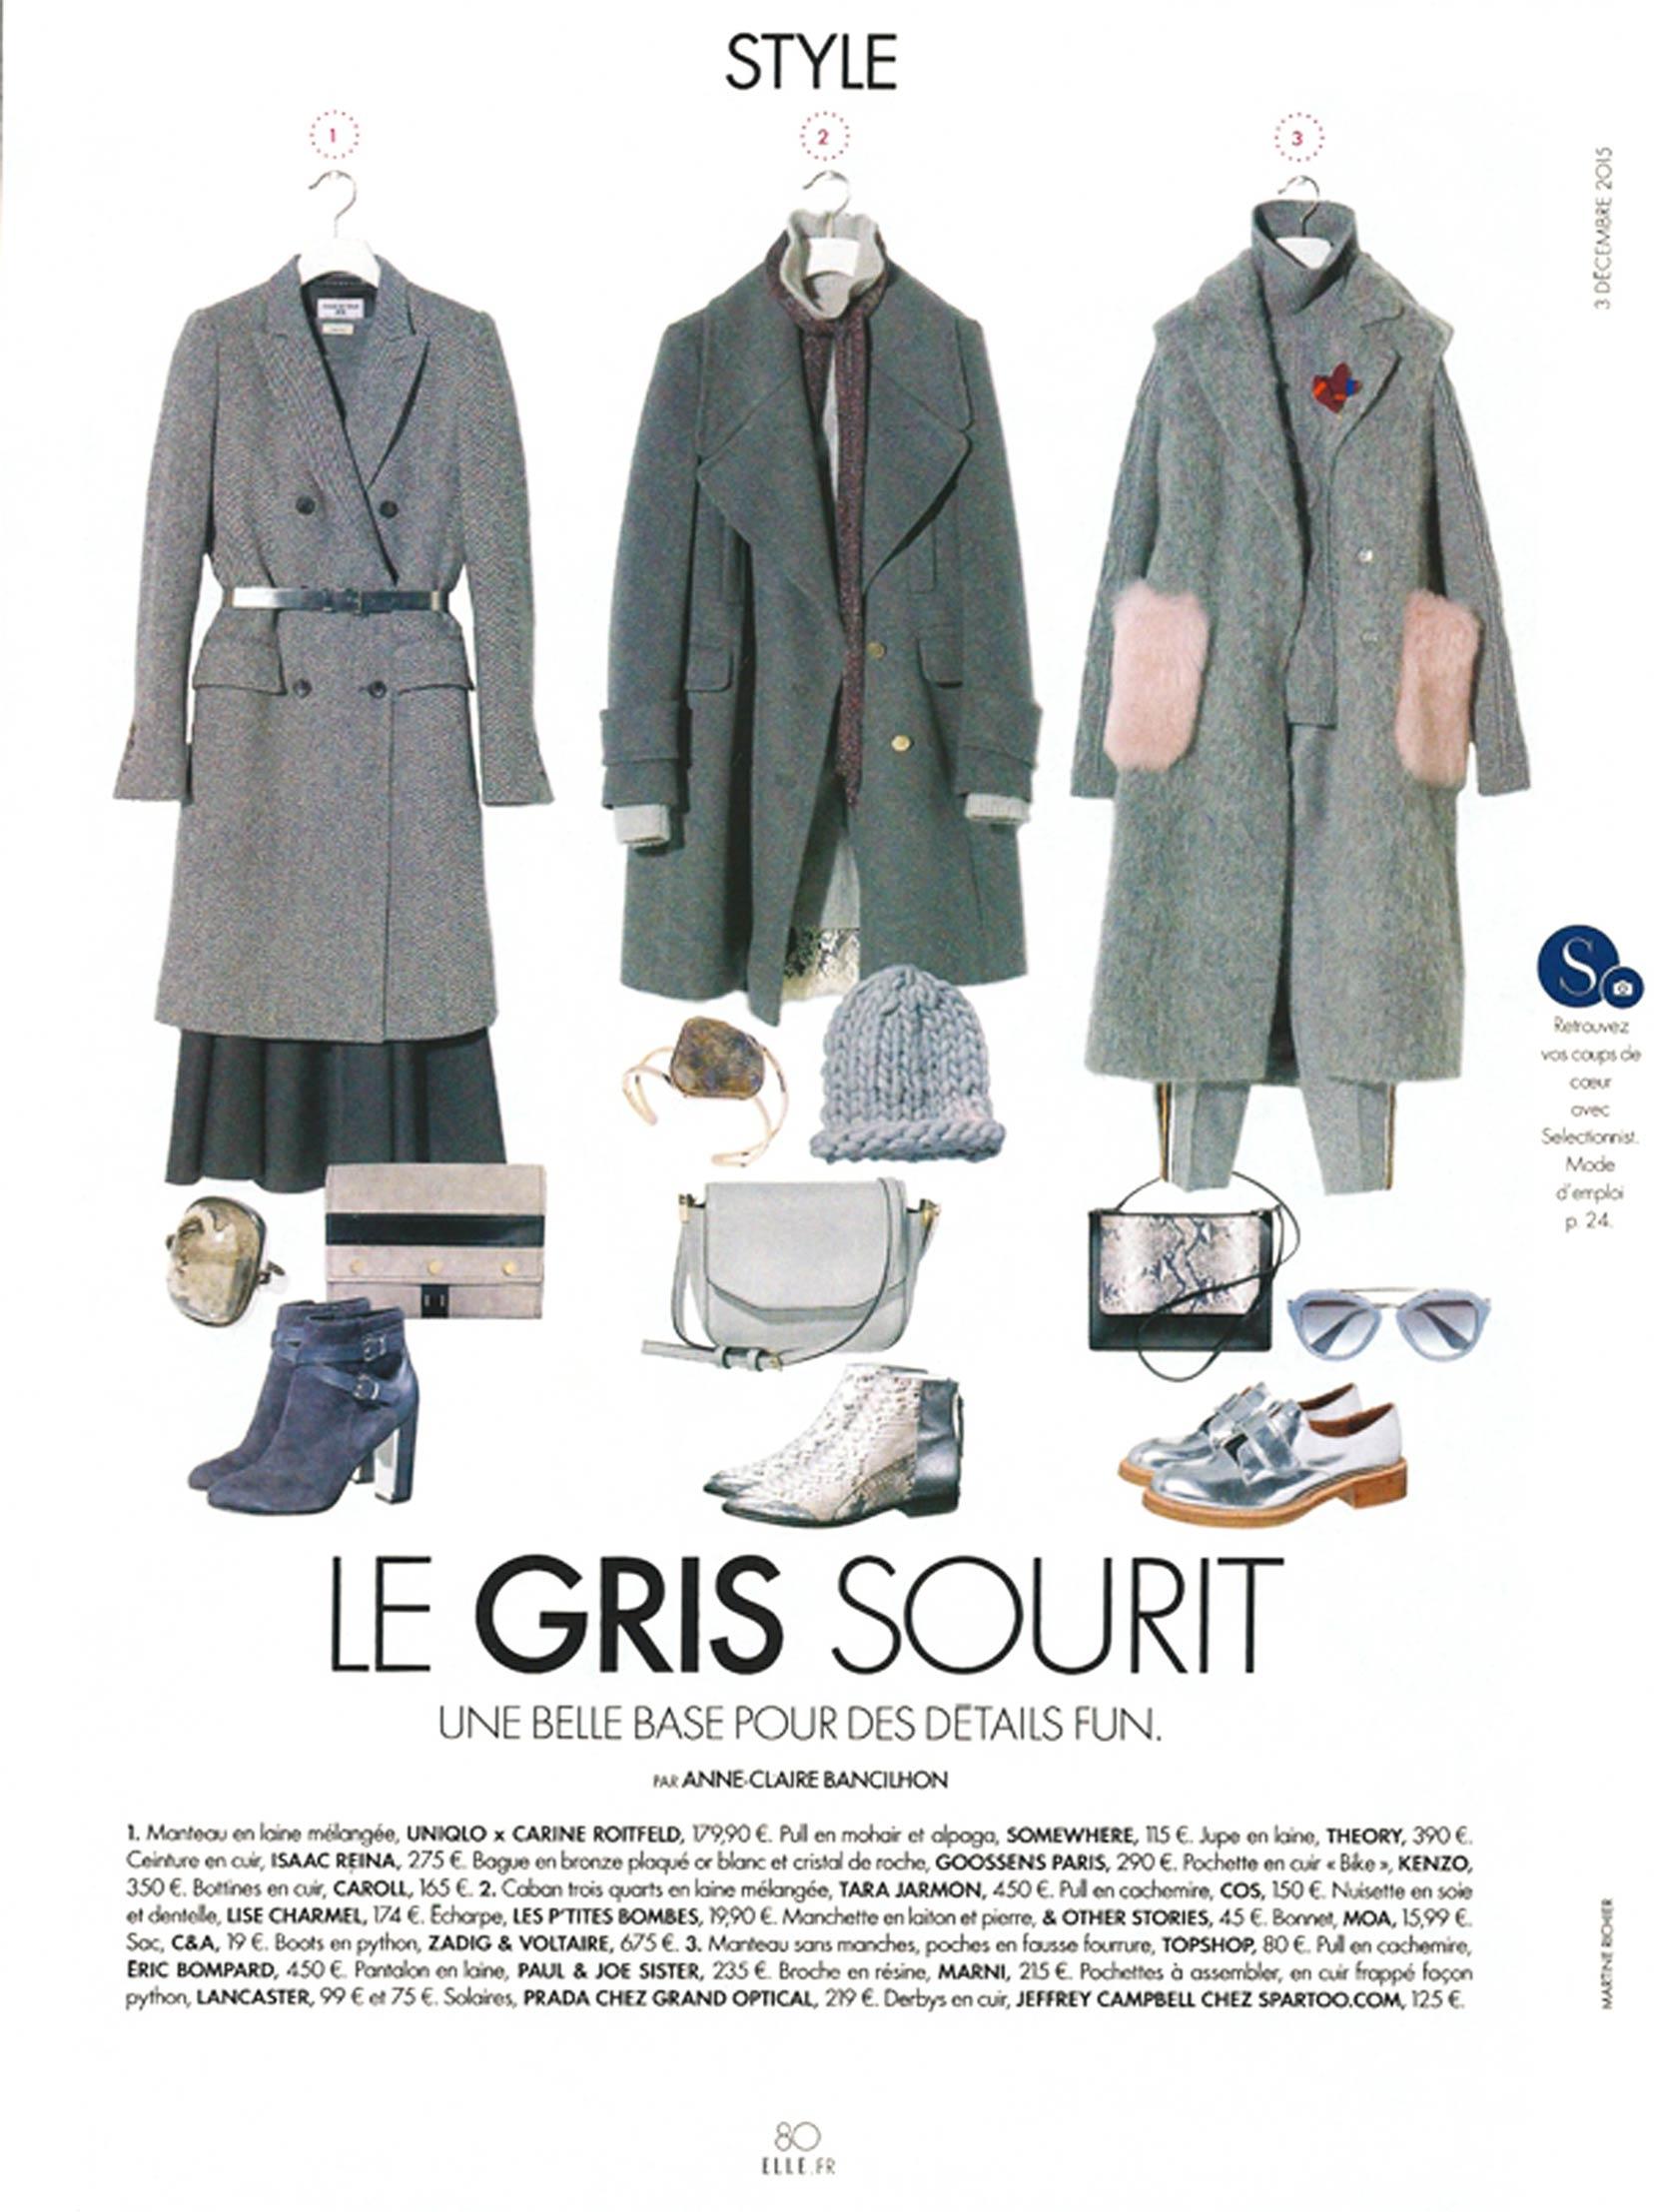 Elle-Gris-Souris_web.jpg